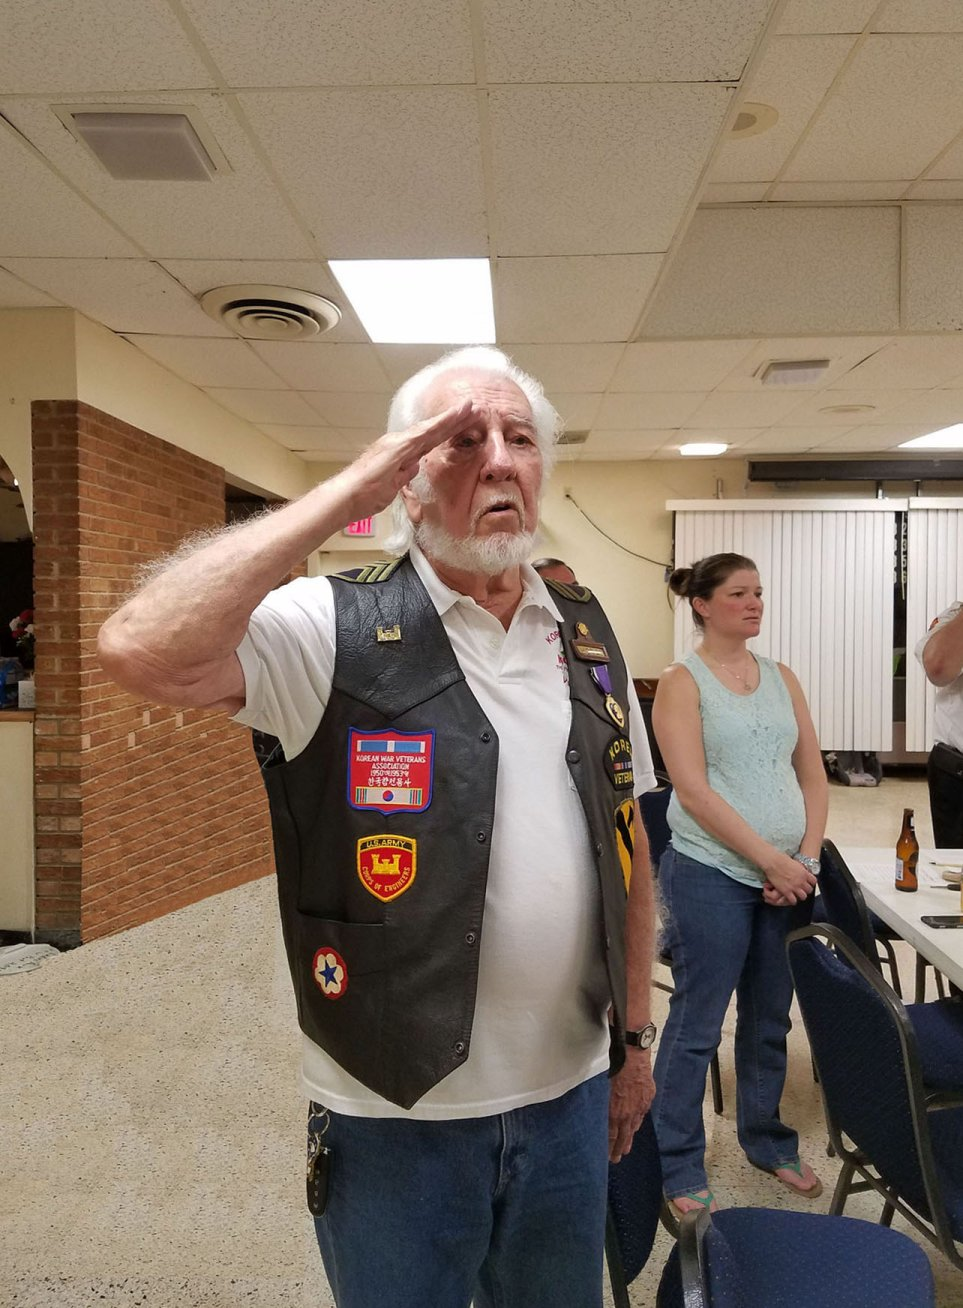 지난 6월 25일 올랜도 에지워터 베테랑스 클럽에서 열린 한국전 67주년 기념행사에서 한국전 참전 미군 베테랑이 국기에 대해 경례를 하고 있다.